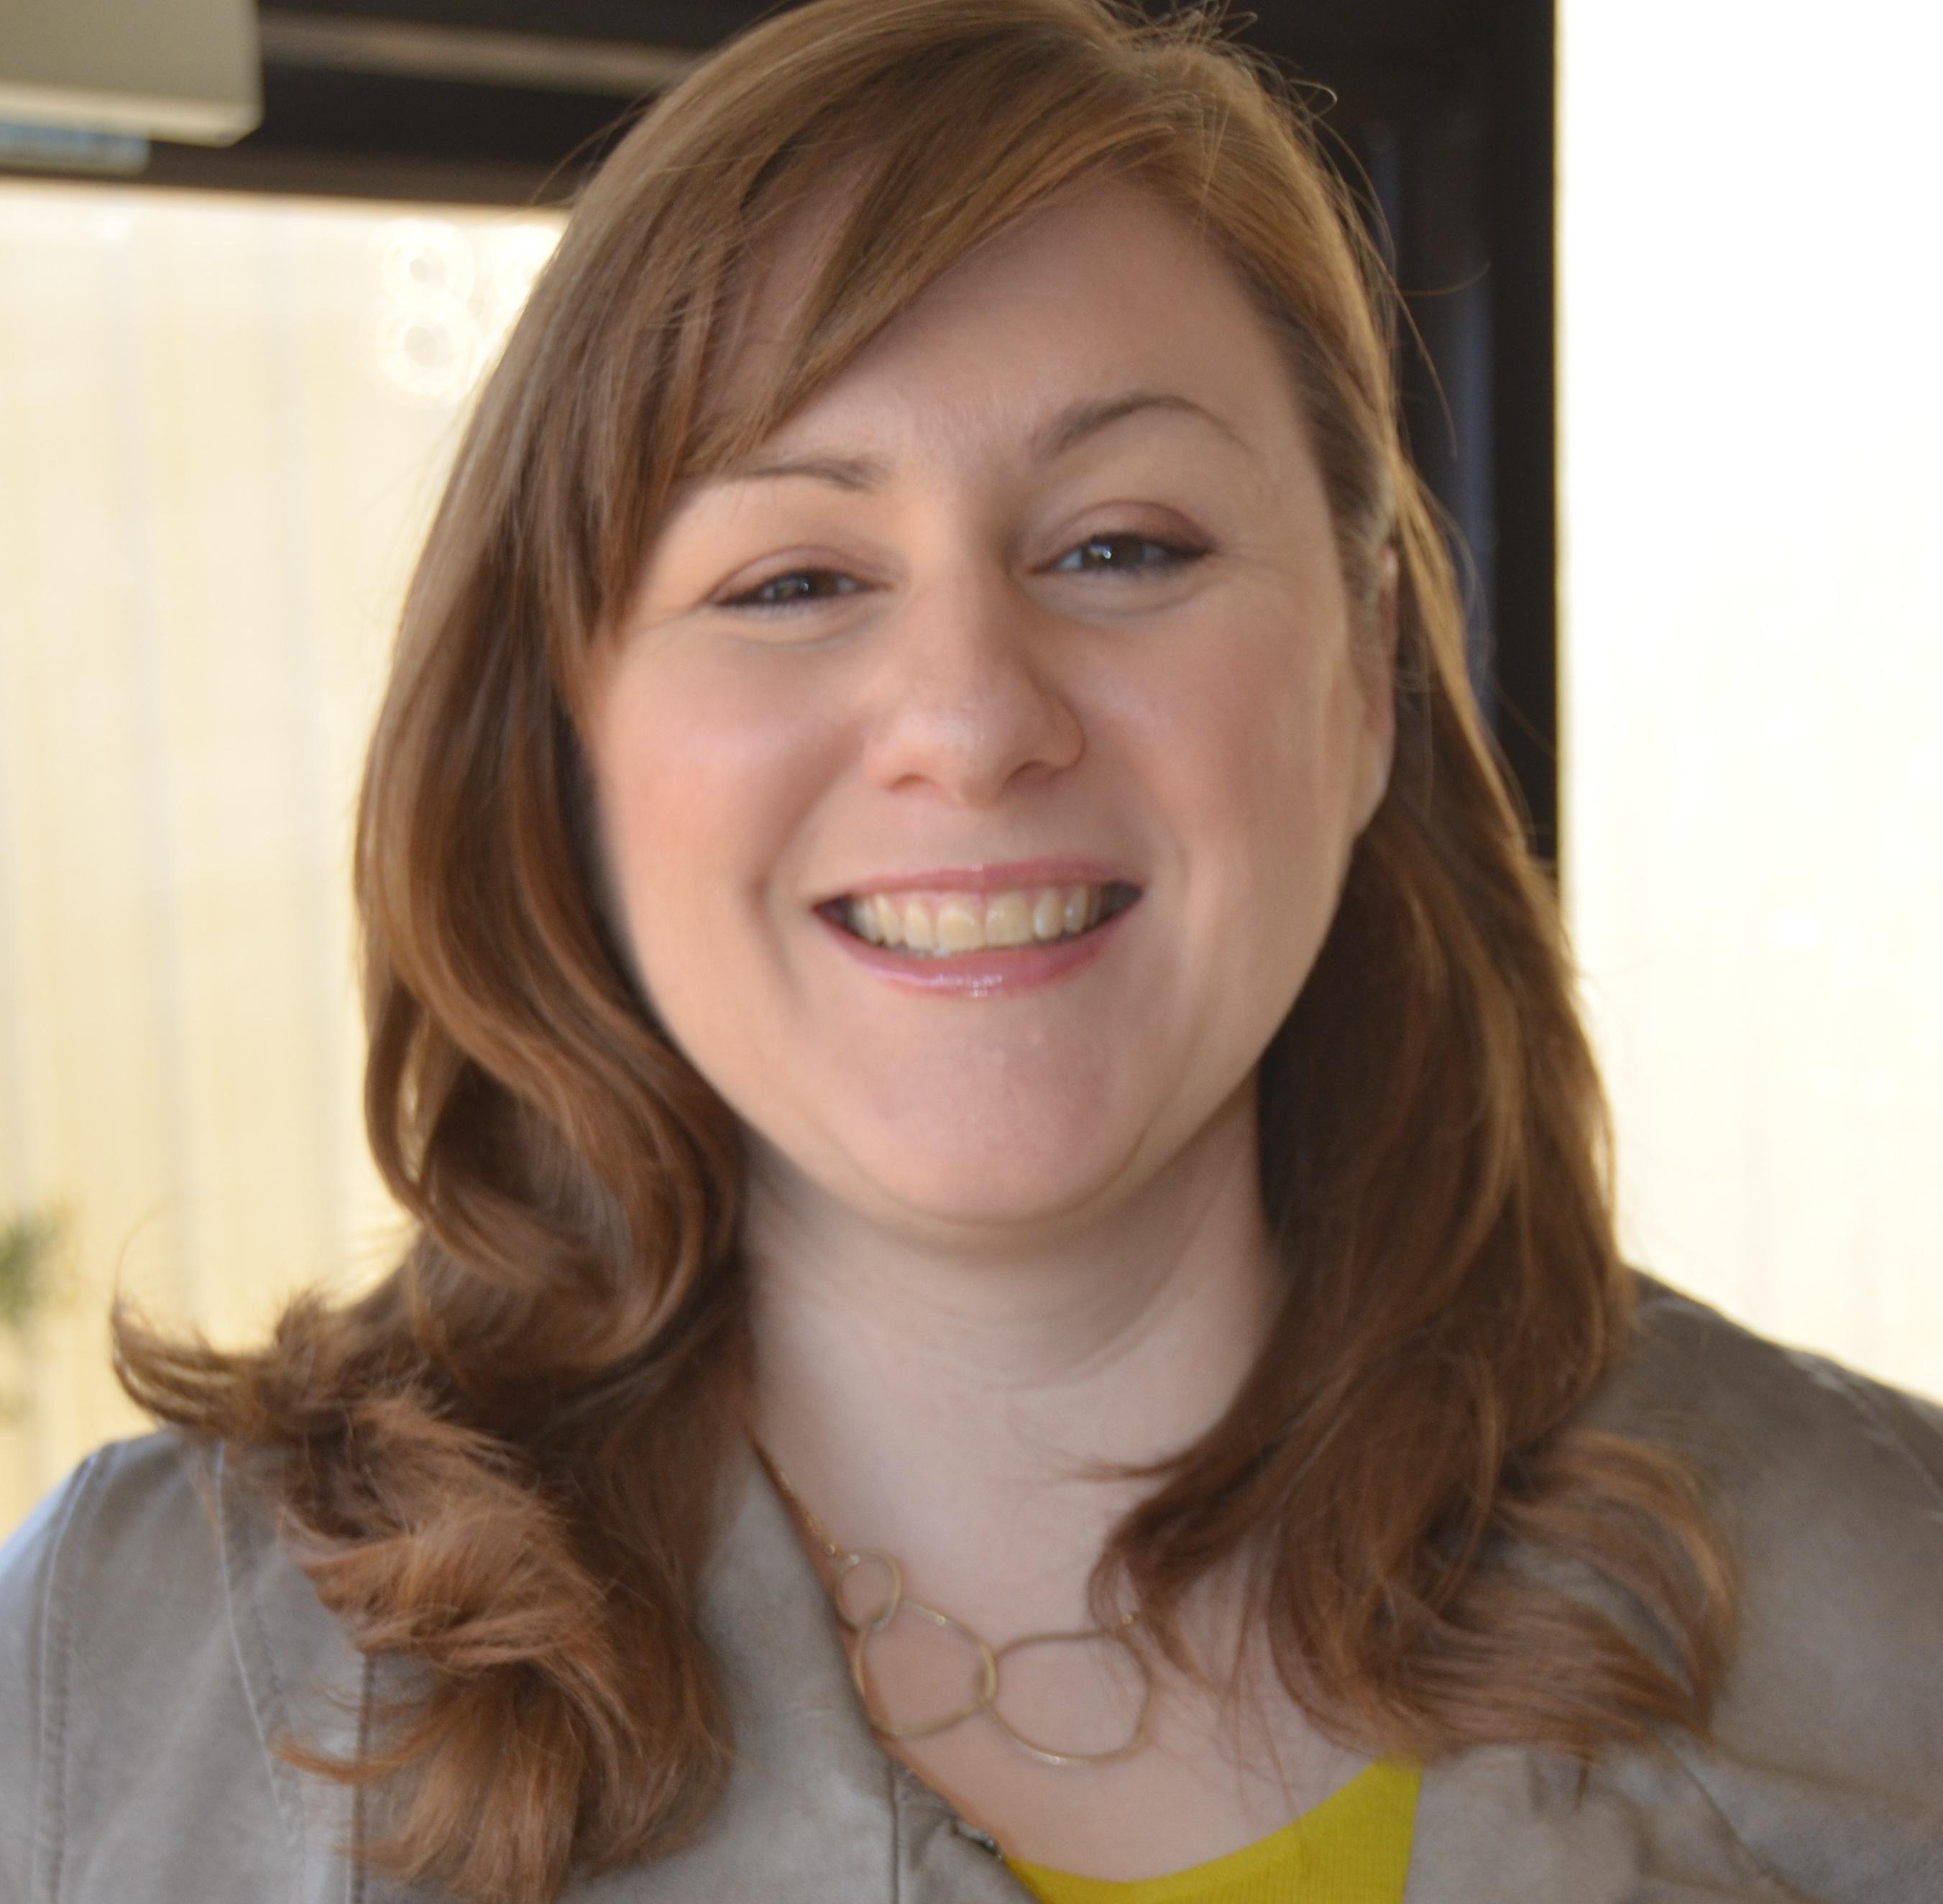 Marie Moran